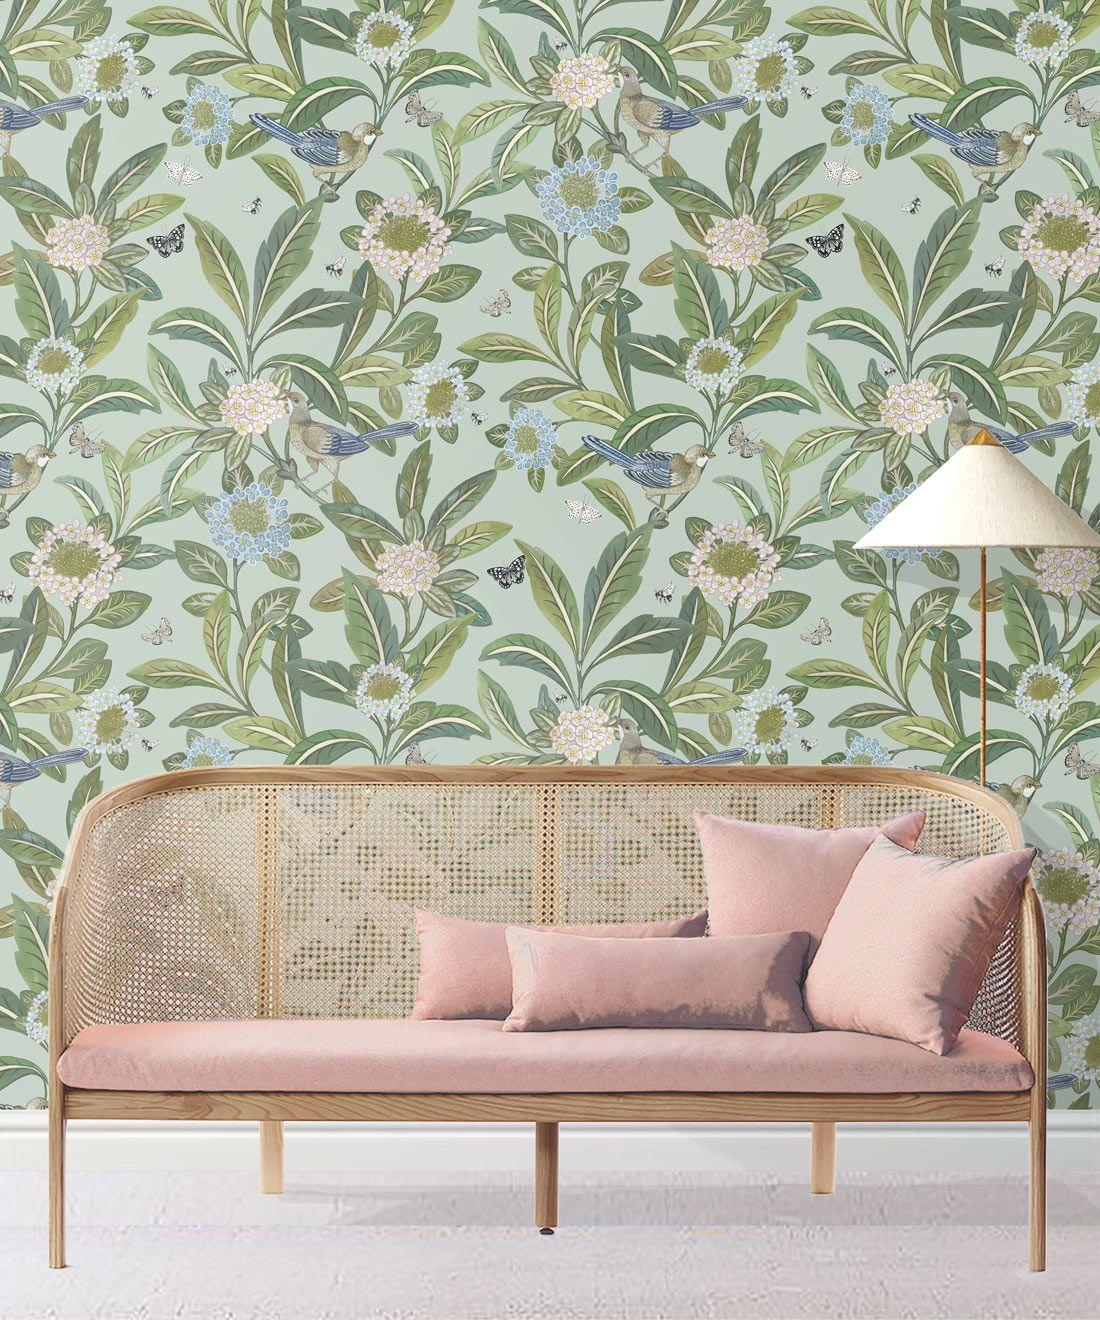 Summer Garden Wallpaper • Aqua Wallpaper • Floral Wallpaper Insitu